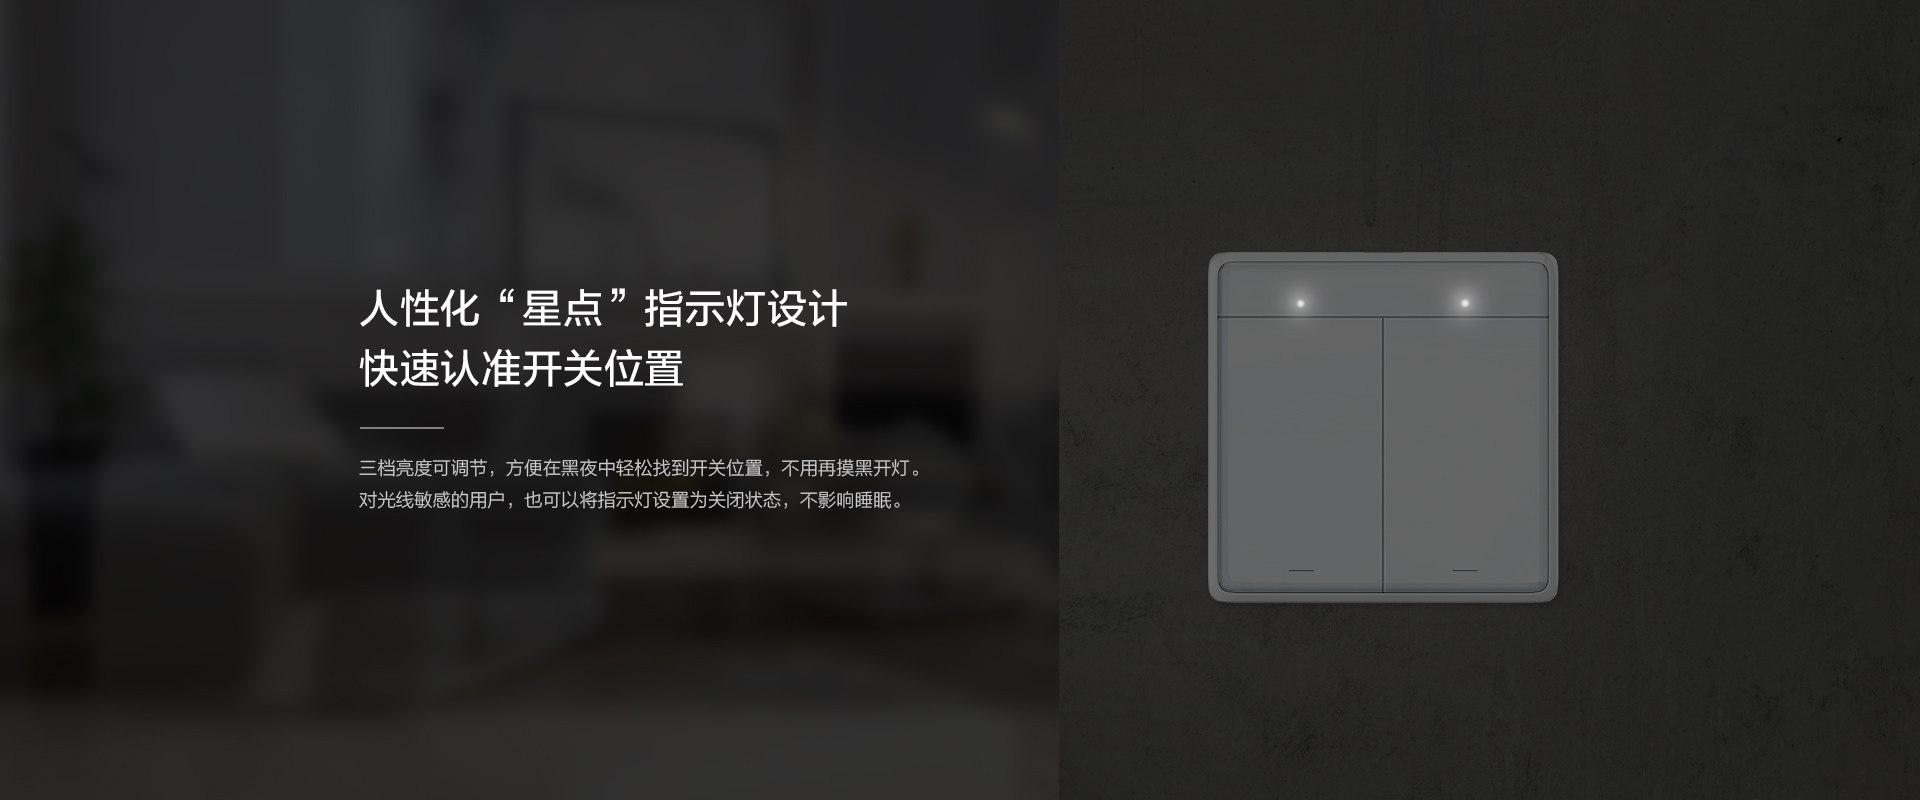 人性化星点指示灯设计,快速认准开关位置